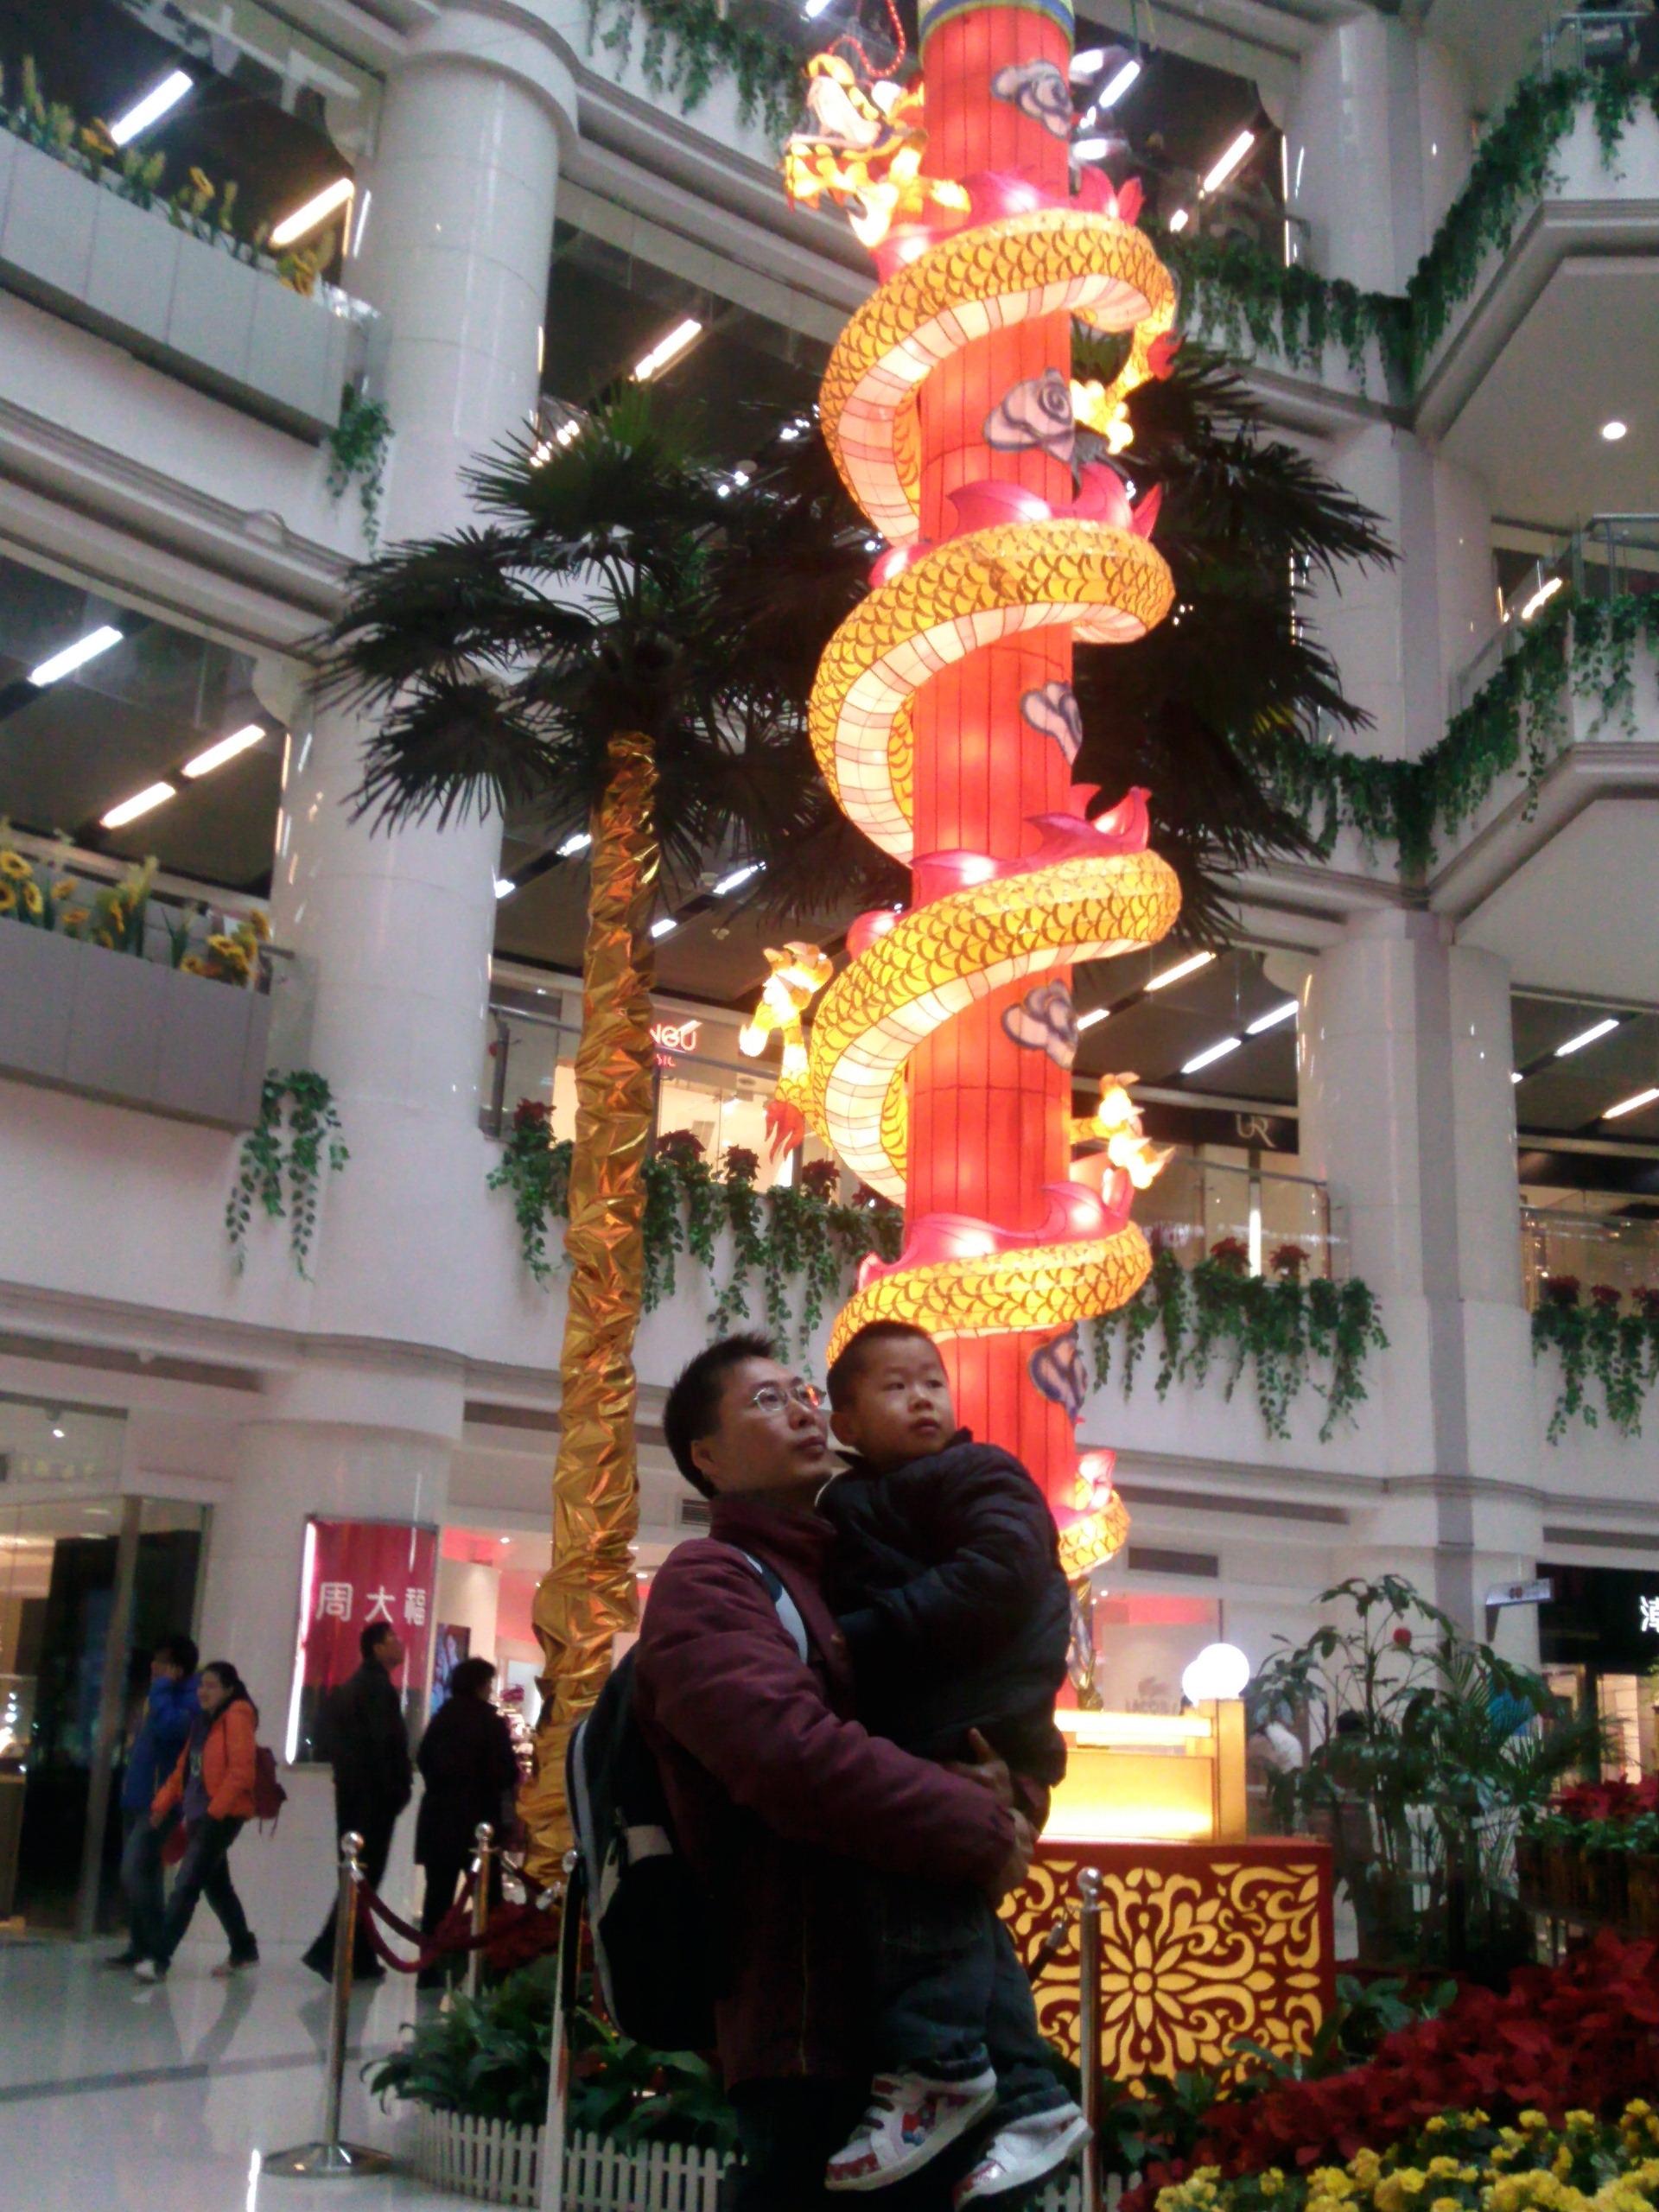 广东正佳广场商贸旅游区家庭亲子点评 评价 正佳广高清图片